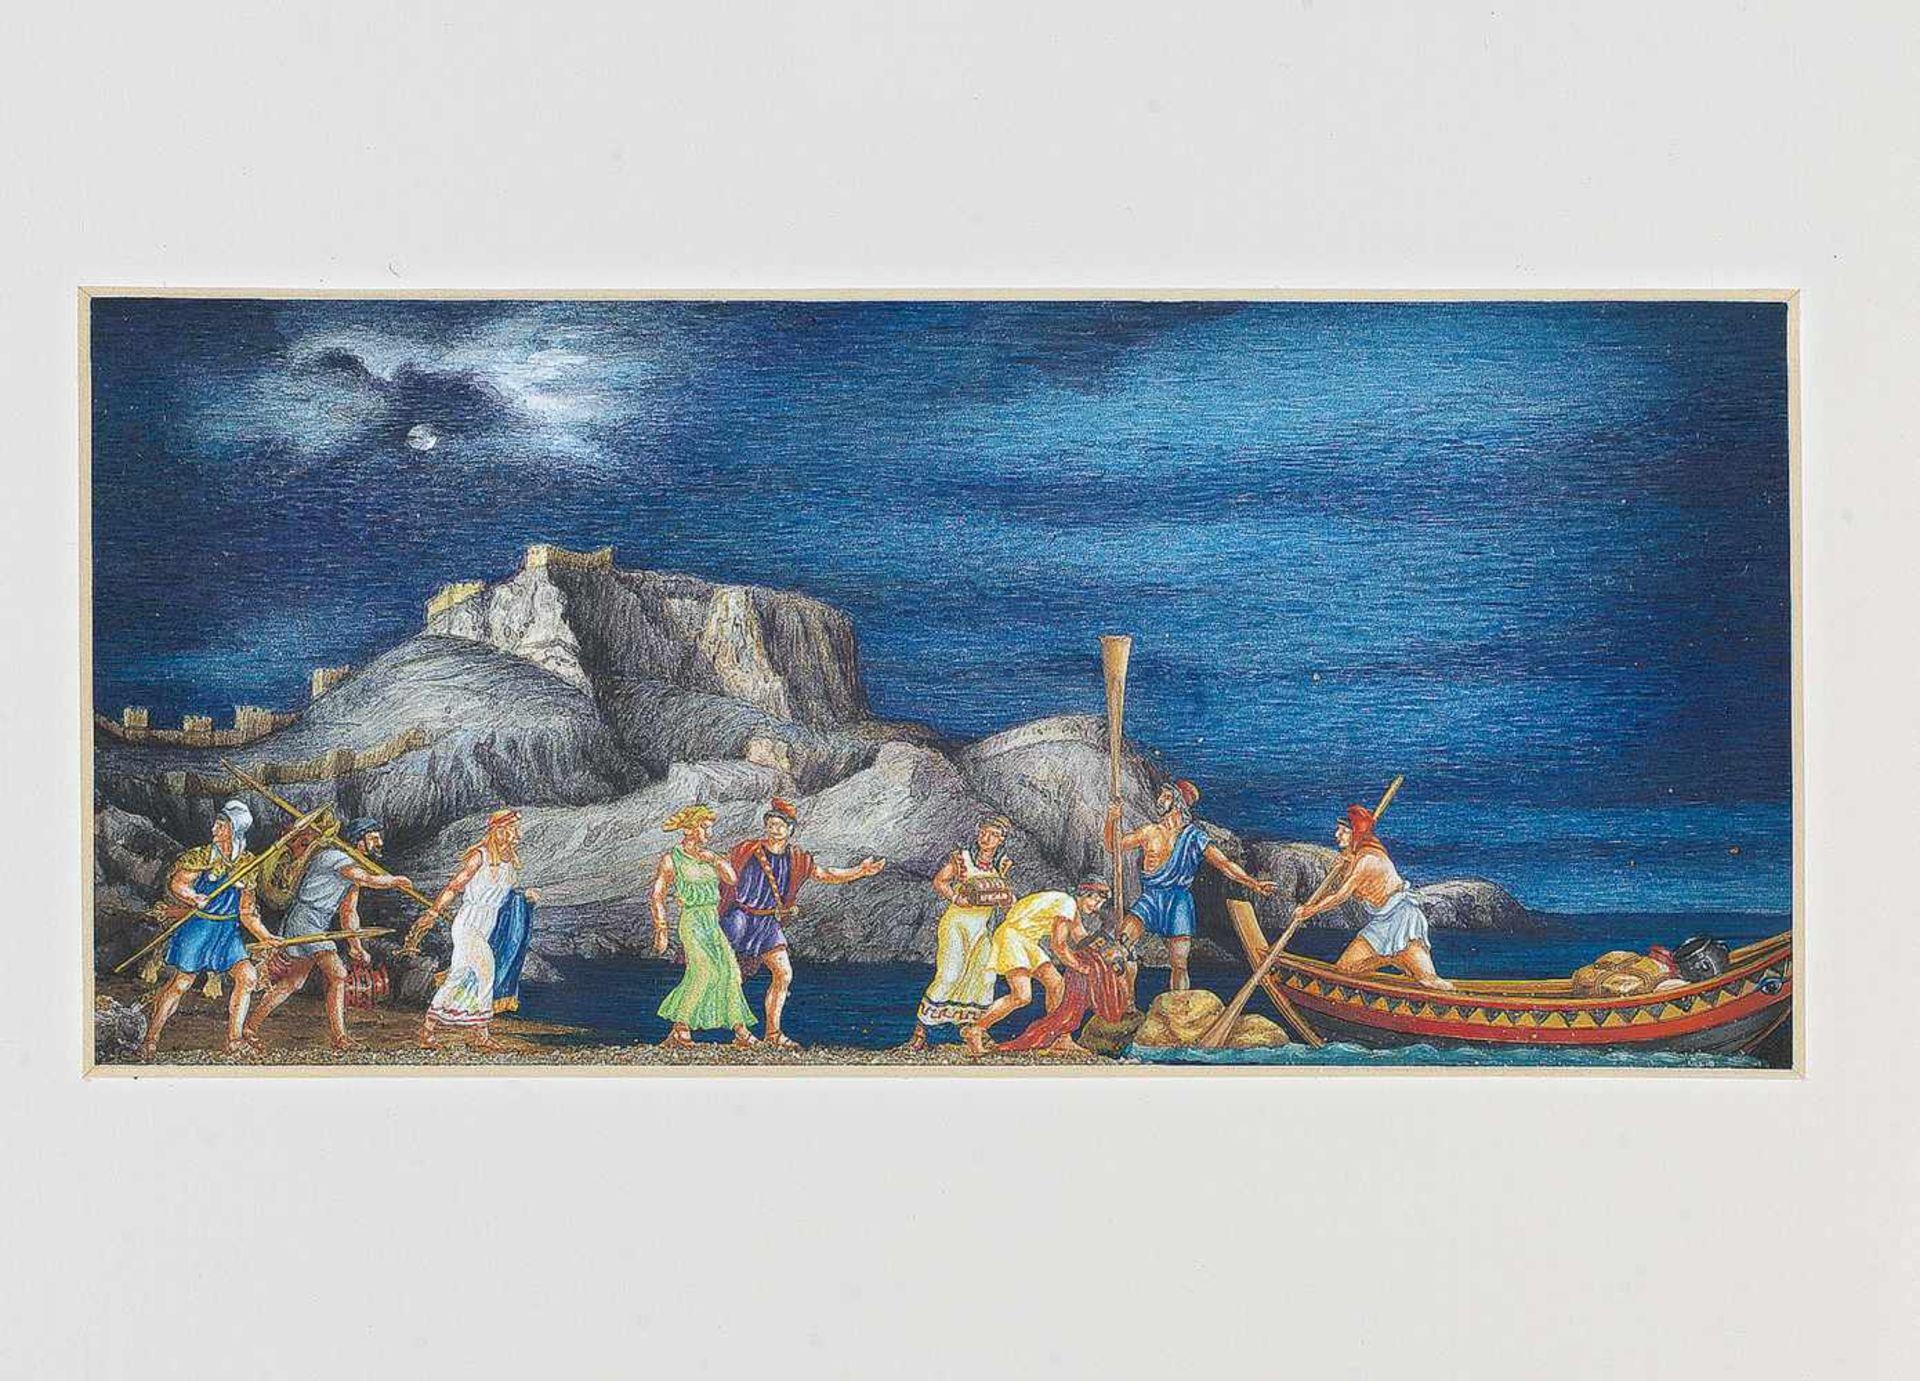 Wiener Manufakturen WerkstattZinnfiguren nach der Antike, von Gerhard Urbanke, 38x33,5 cm, in